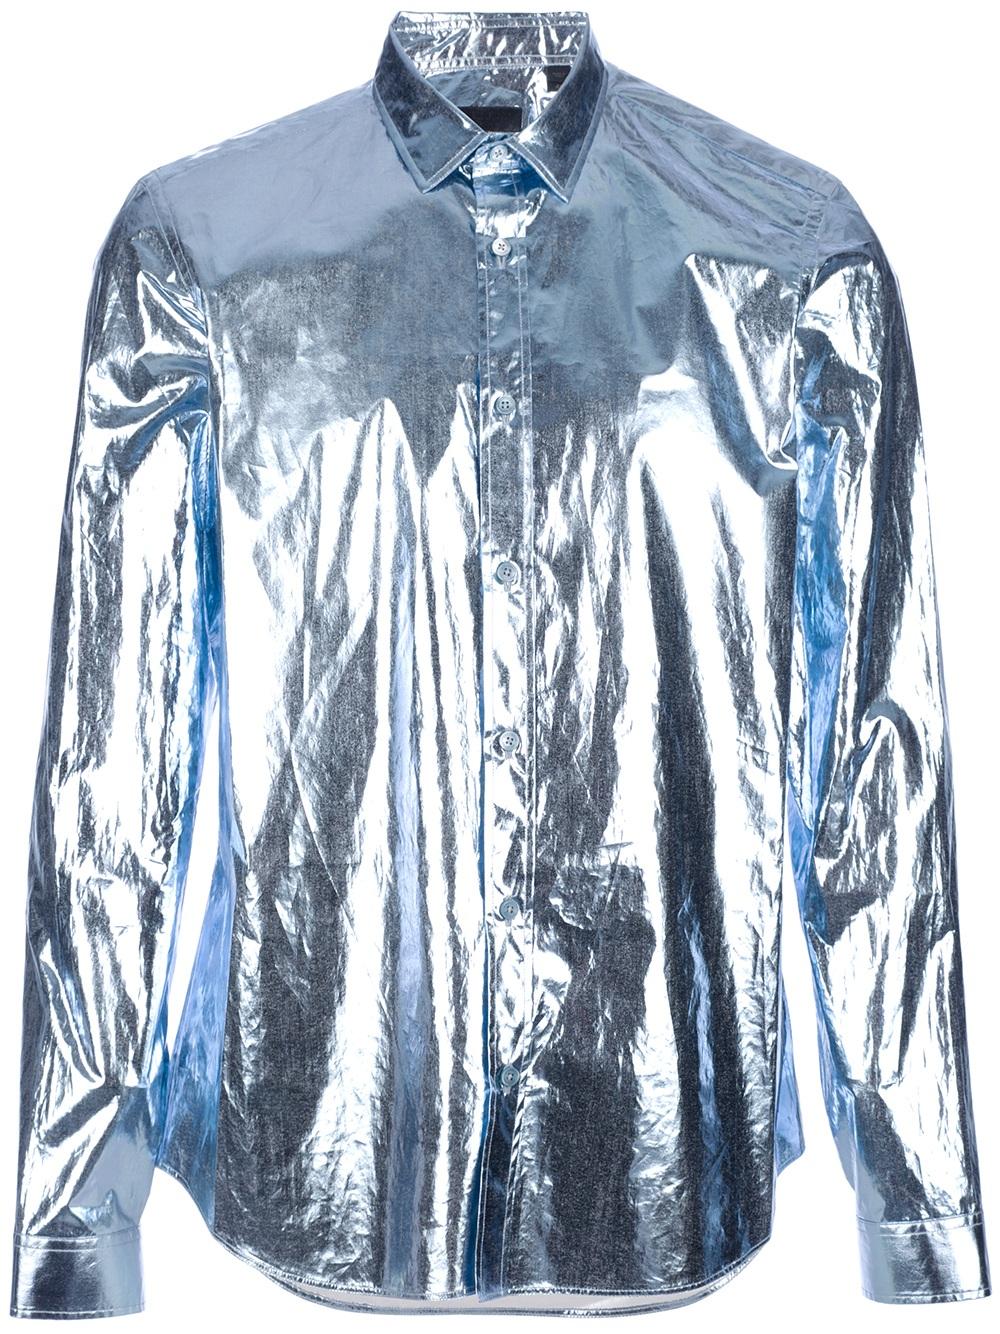 Lyst Burberry Prorsum Metallic Shirt In Blue For Men